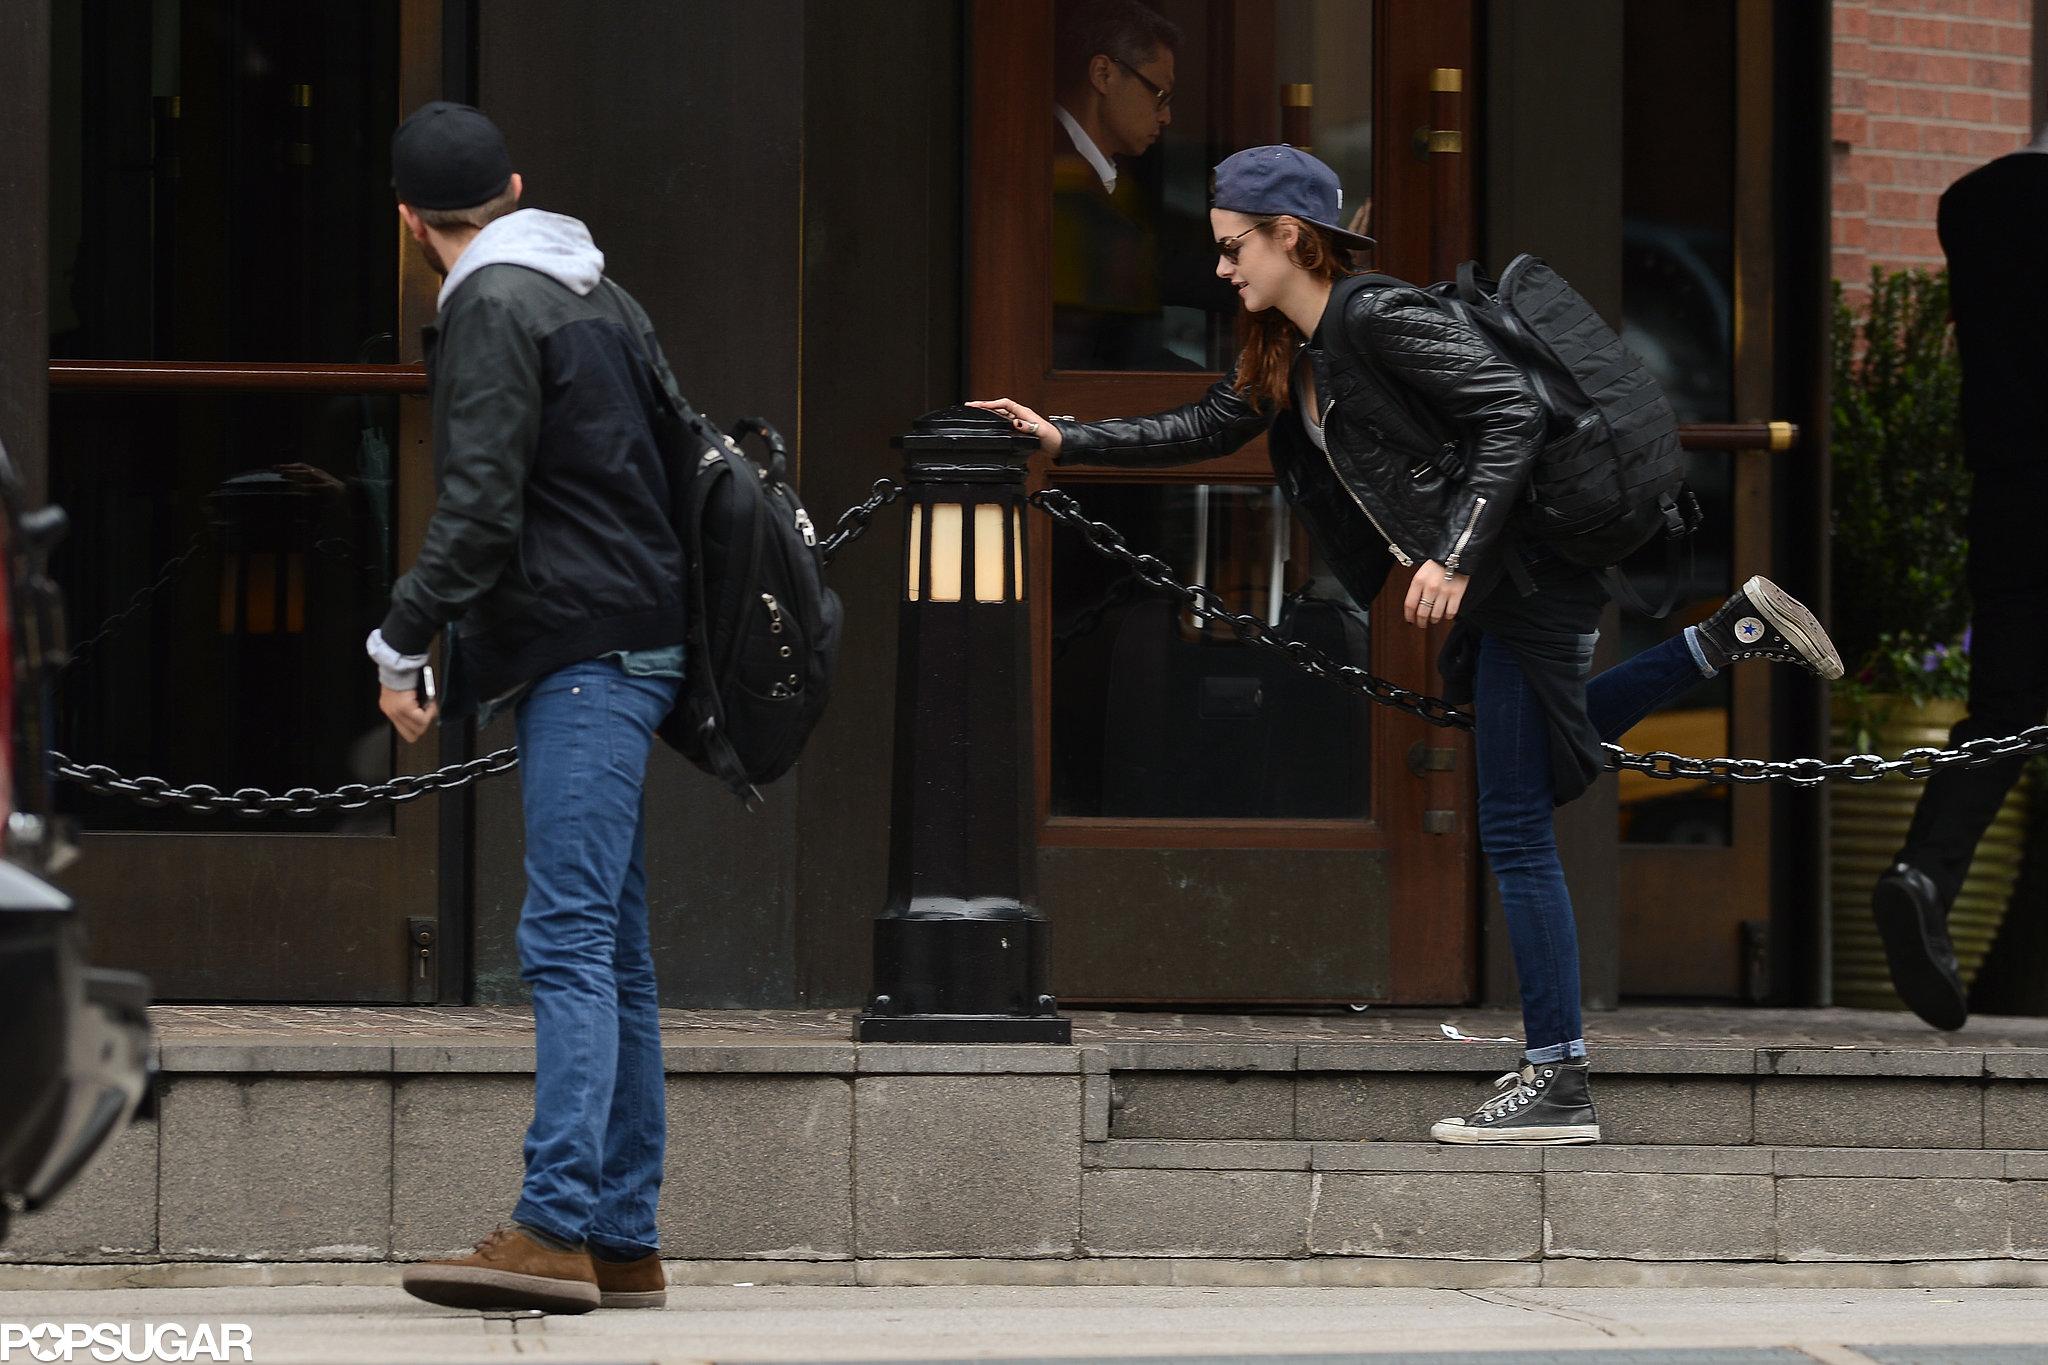 Robert Pattinson and Kristen Stewart left their NYC hotel.